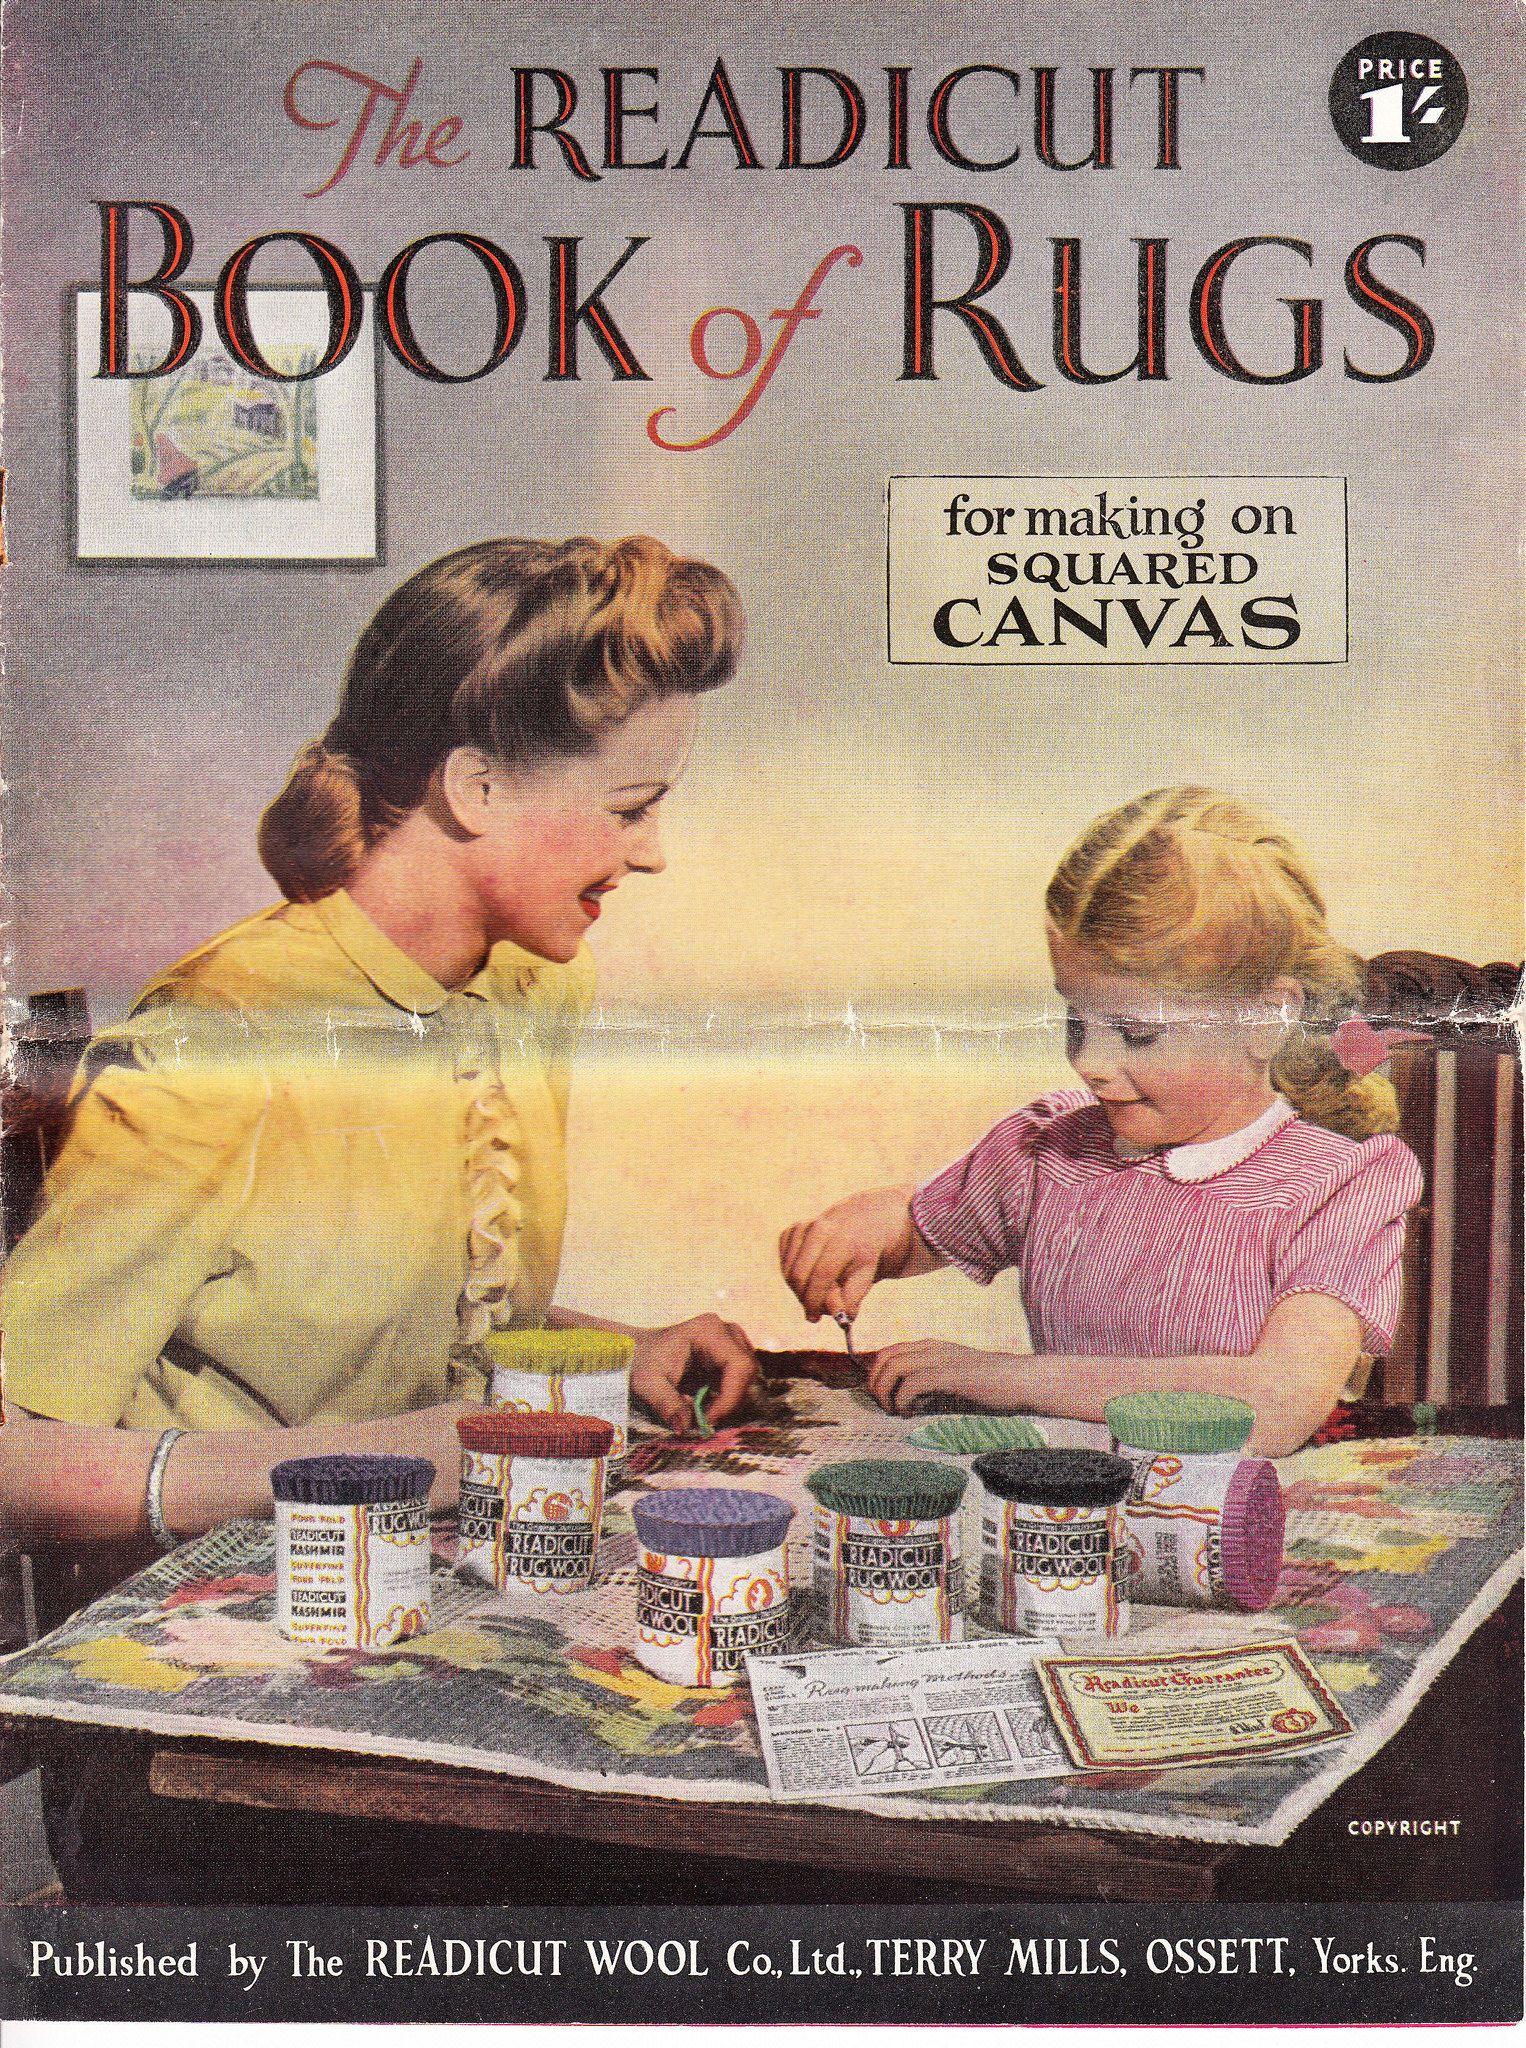 Readicut Book Of Rugs 1948 Books